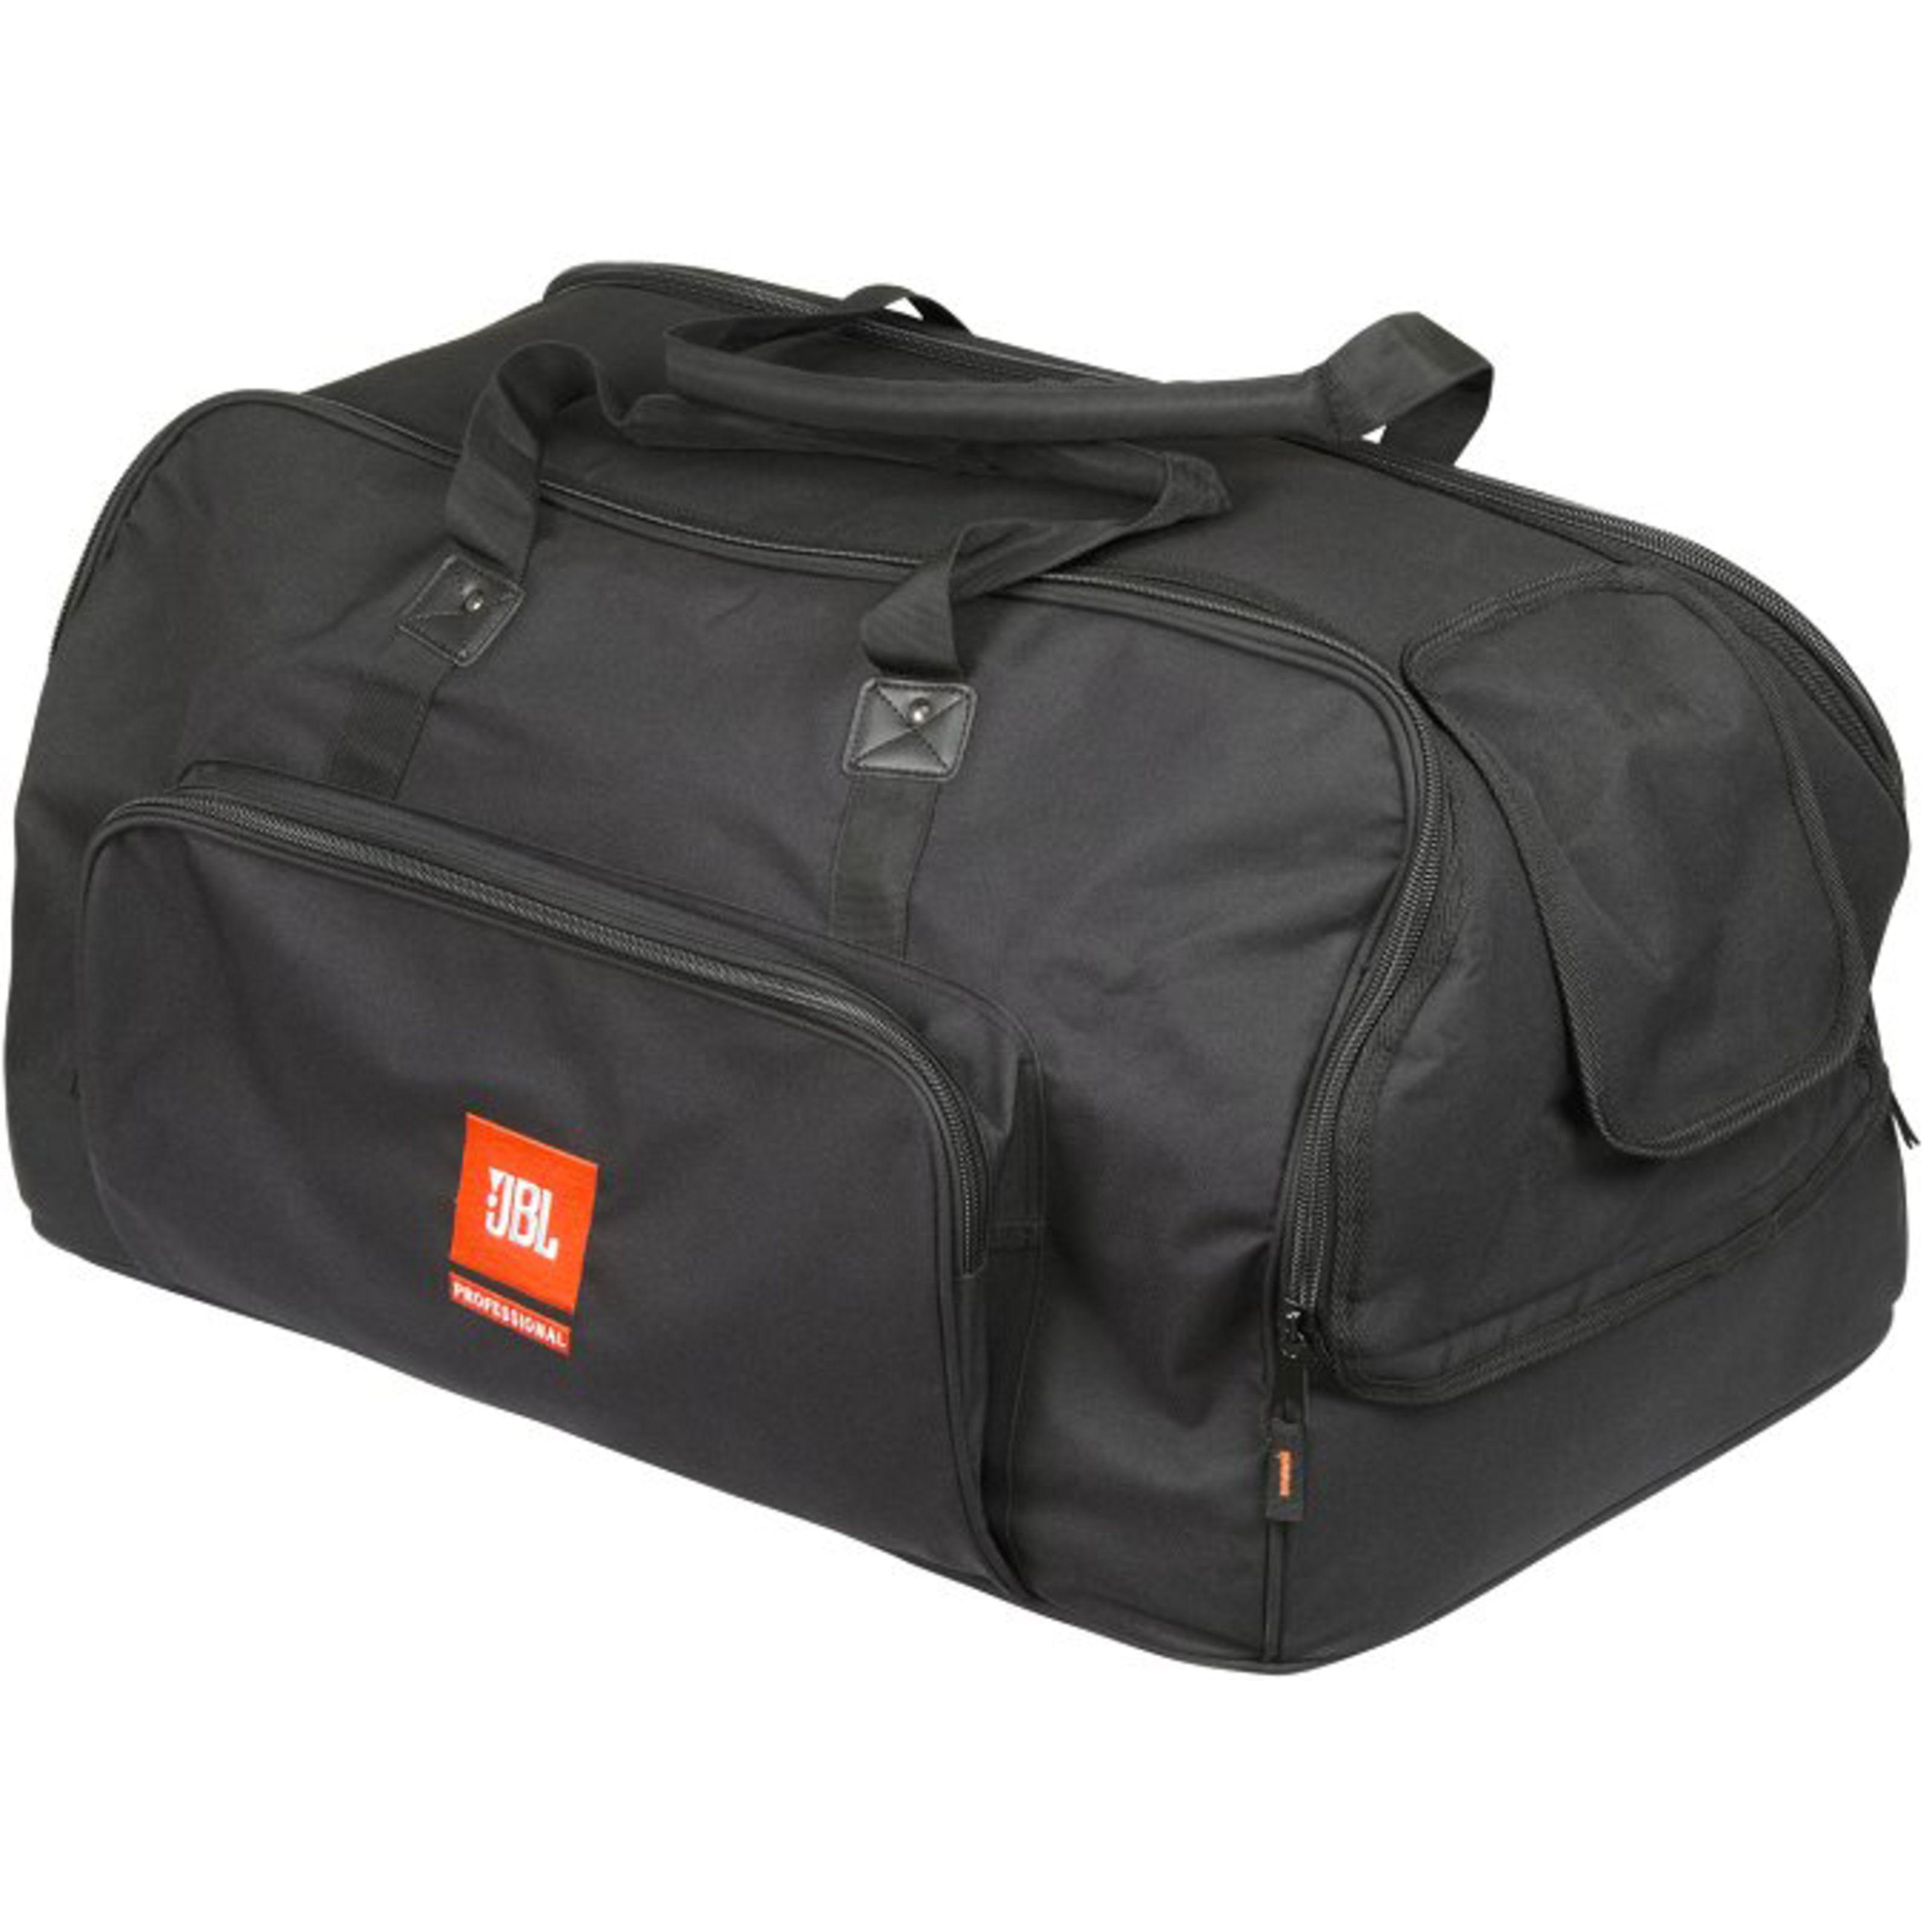 JBL EON 615-BAG Transporttasche f. JBL EON 615